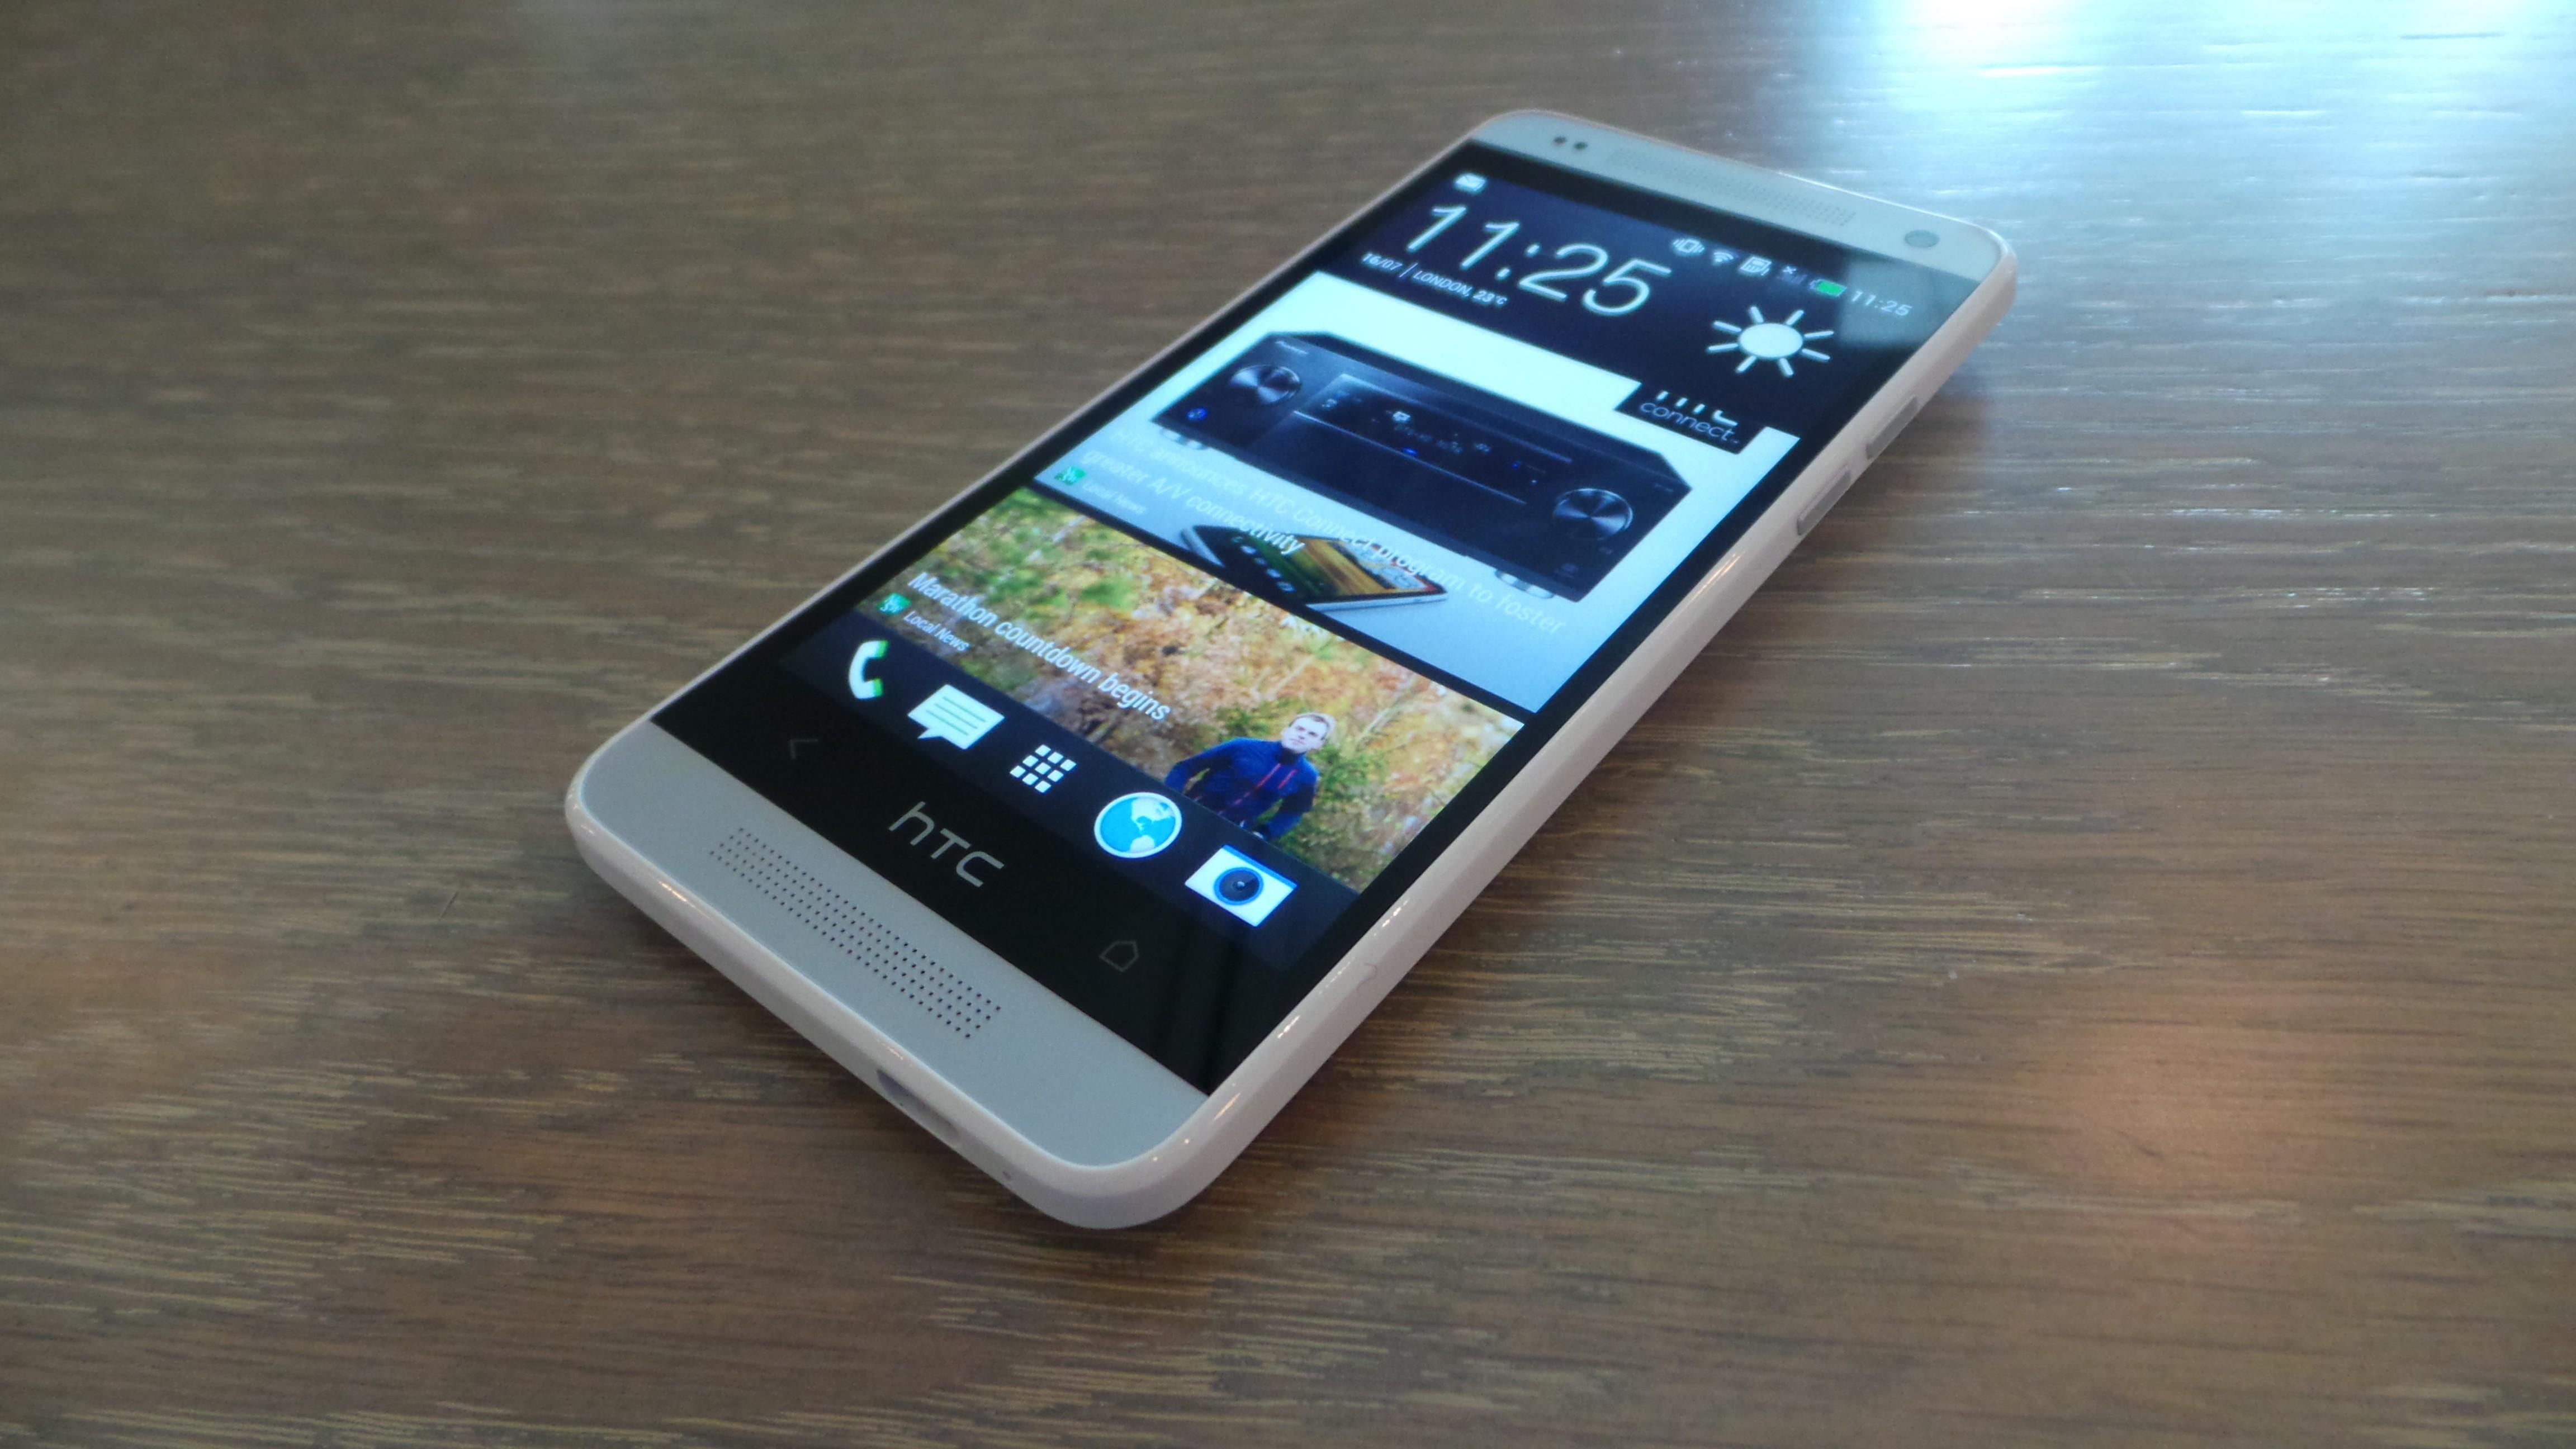 Rumors HTC: la serie Mini potrebbe essere interrotta